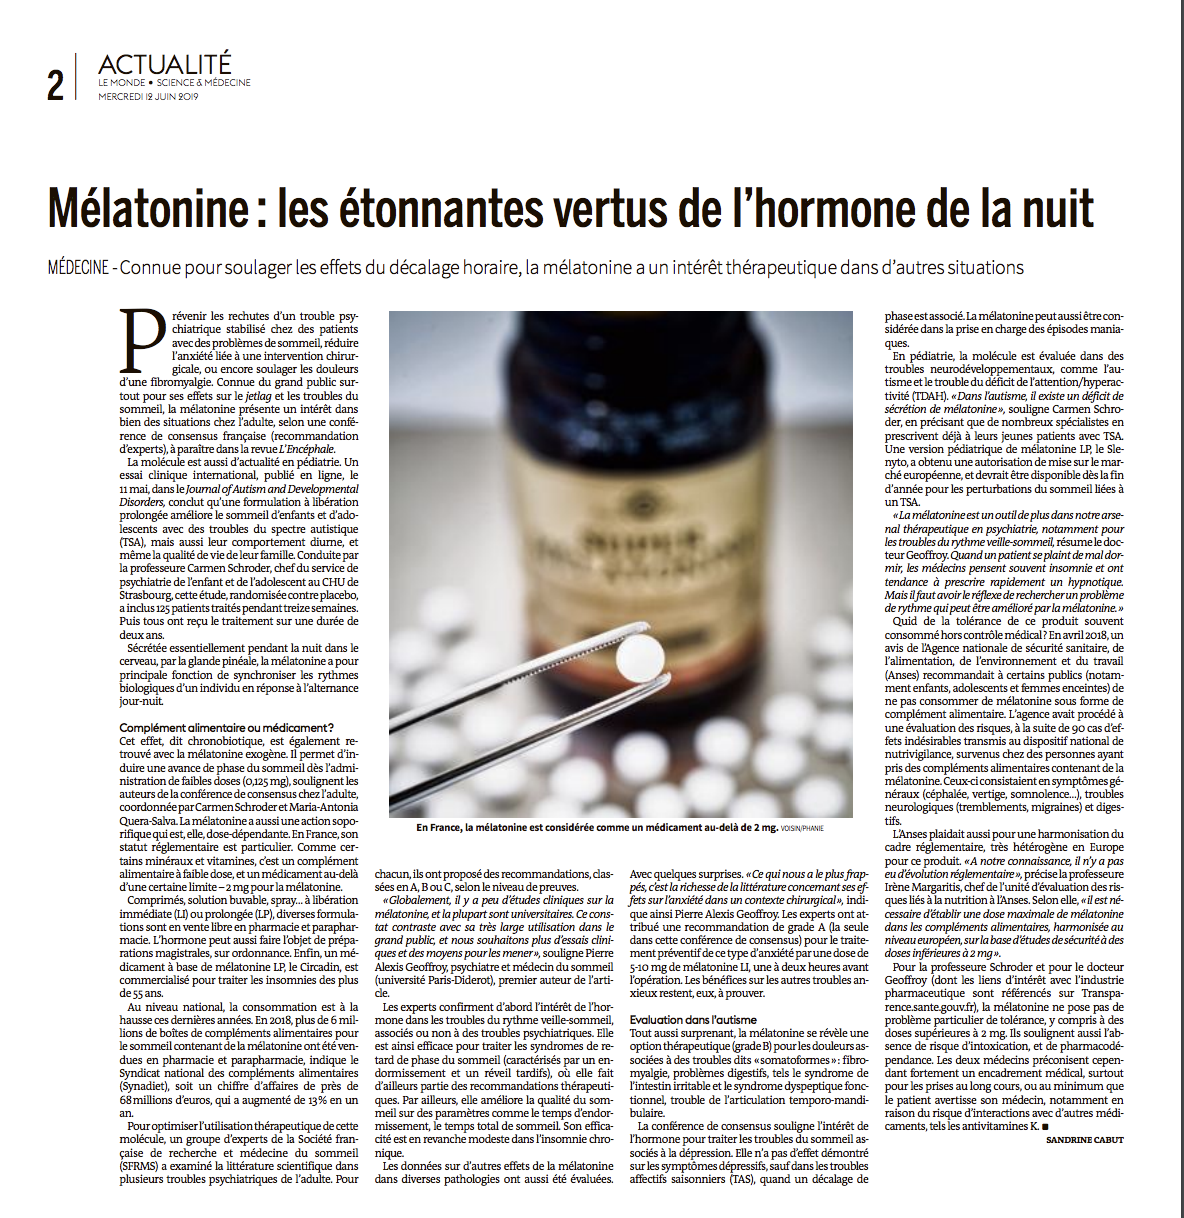 Mélatonine : les étonnantes vertus de l'hormone de la nuit